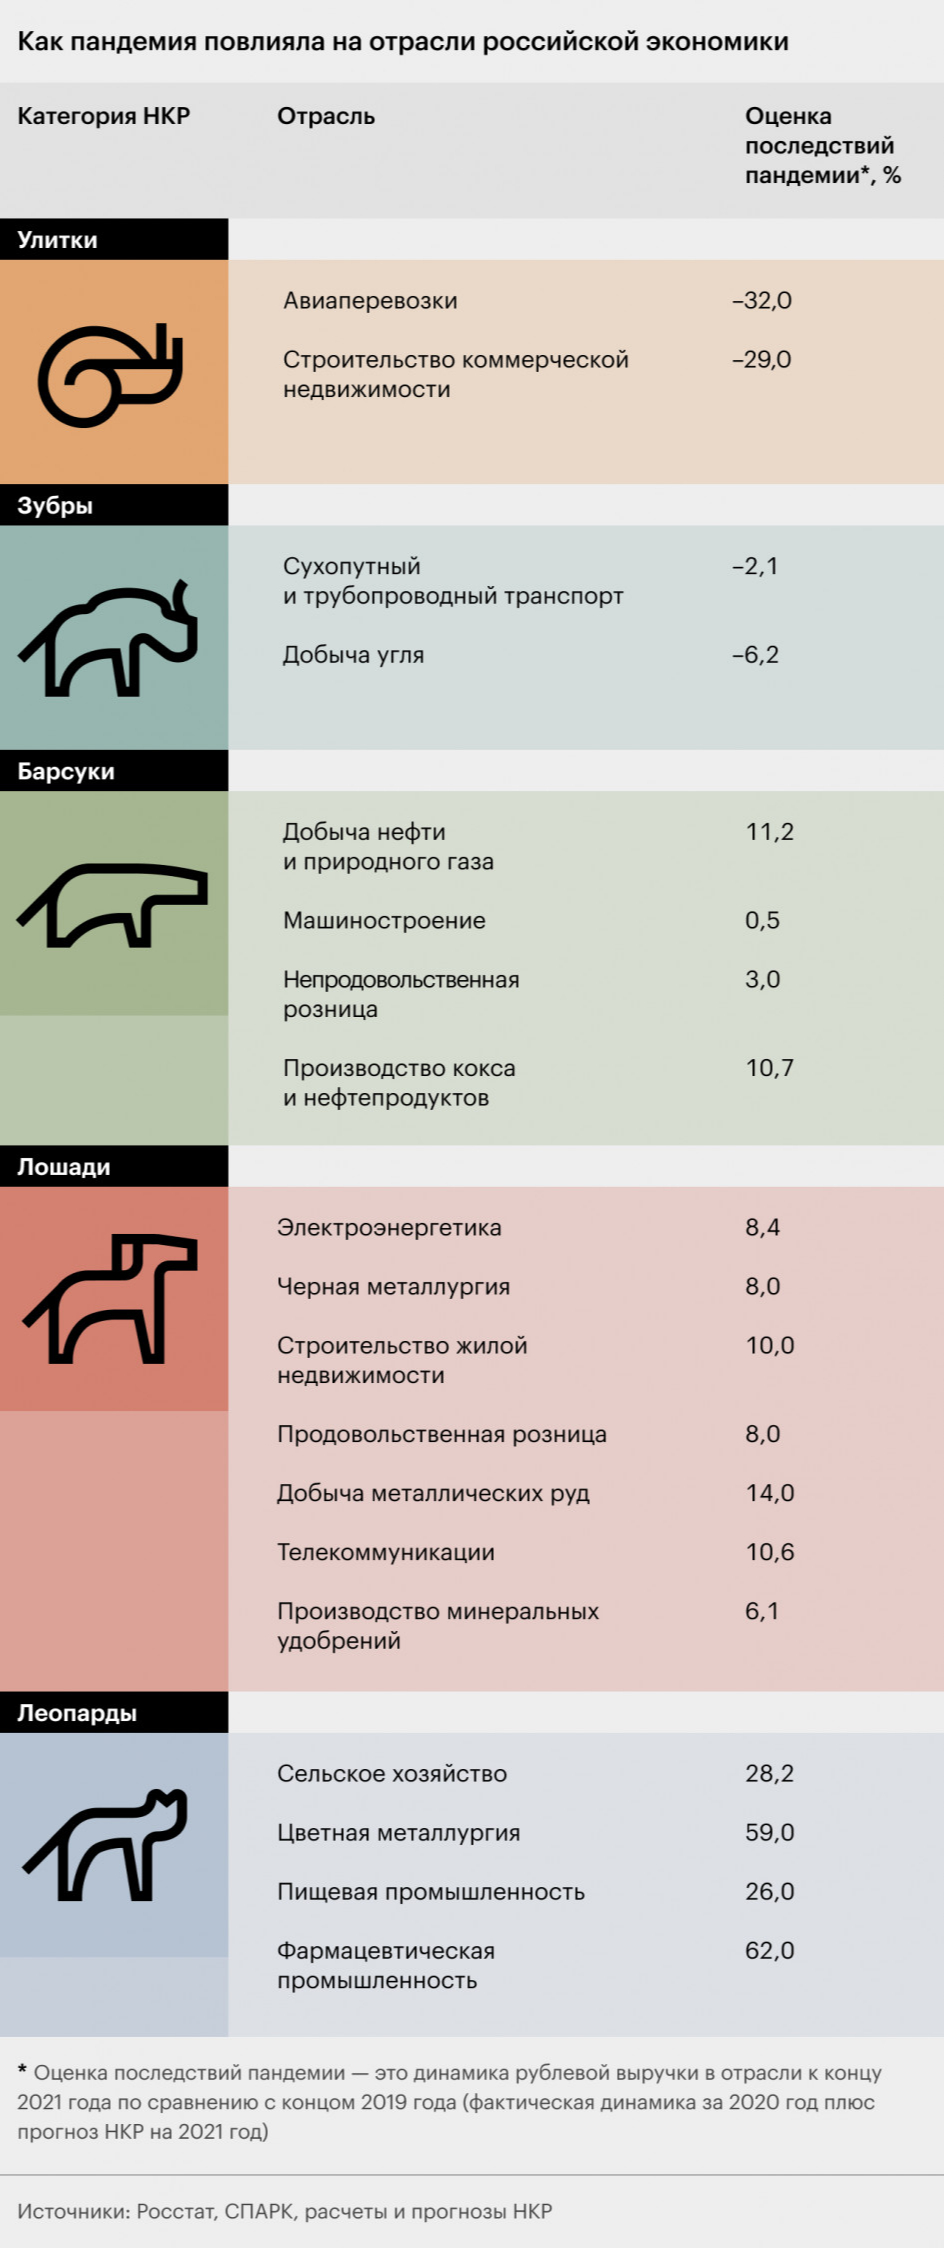 Какие «леопарды» заработали в России на пандемии больше всех. Инфографика